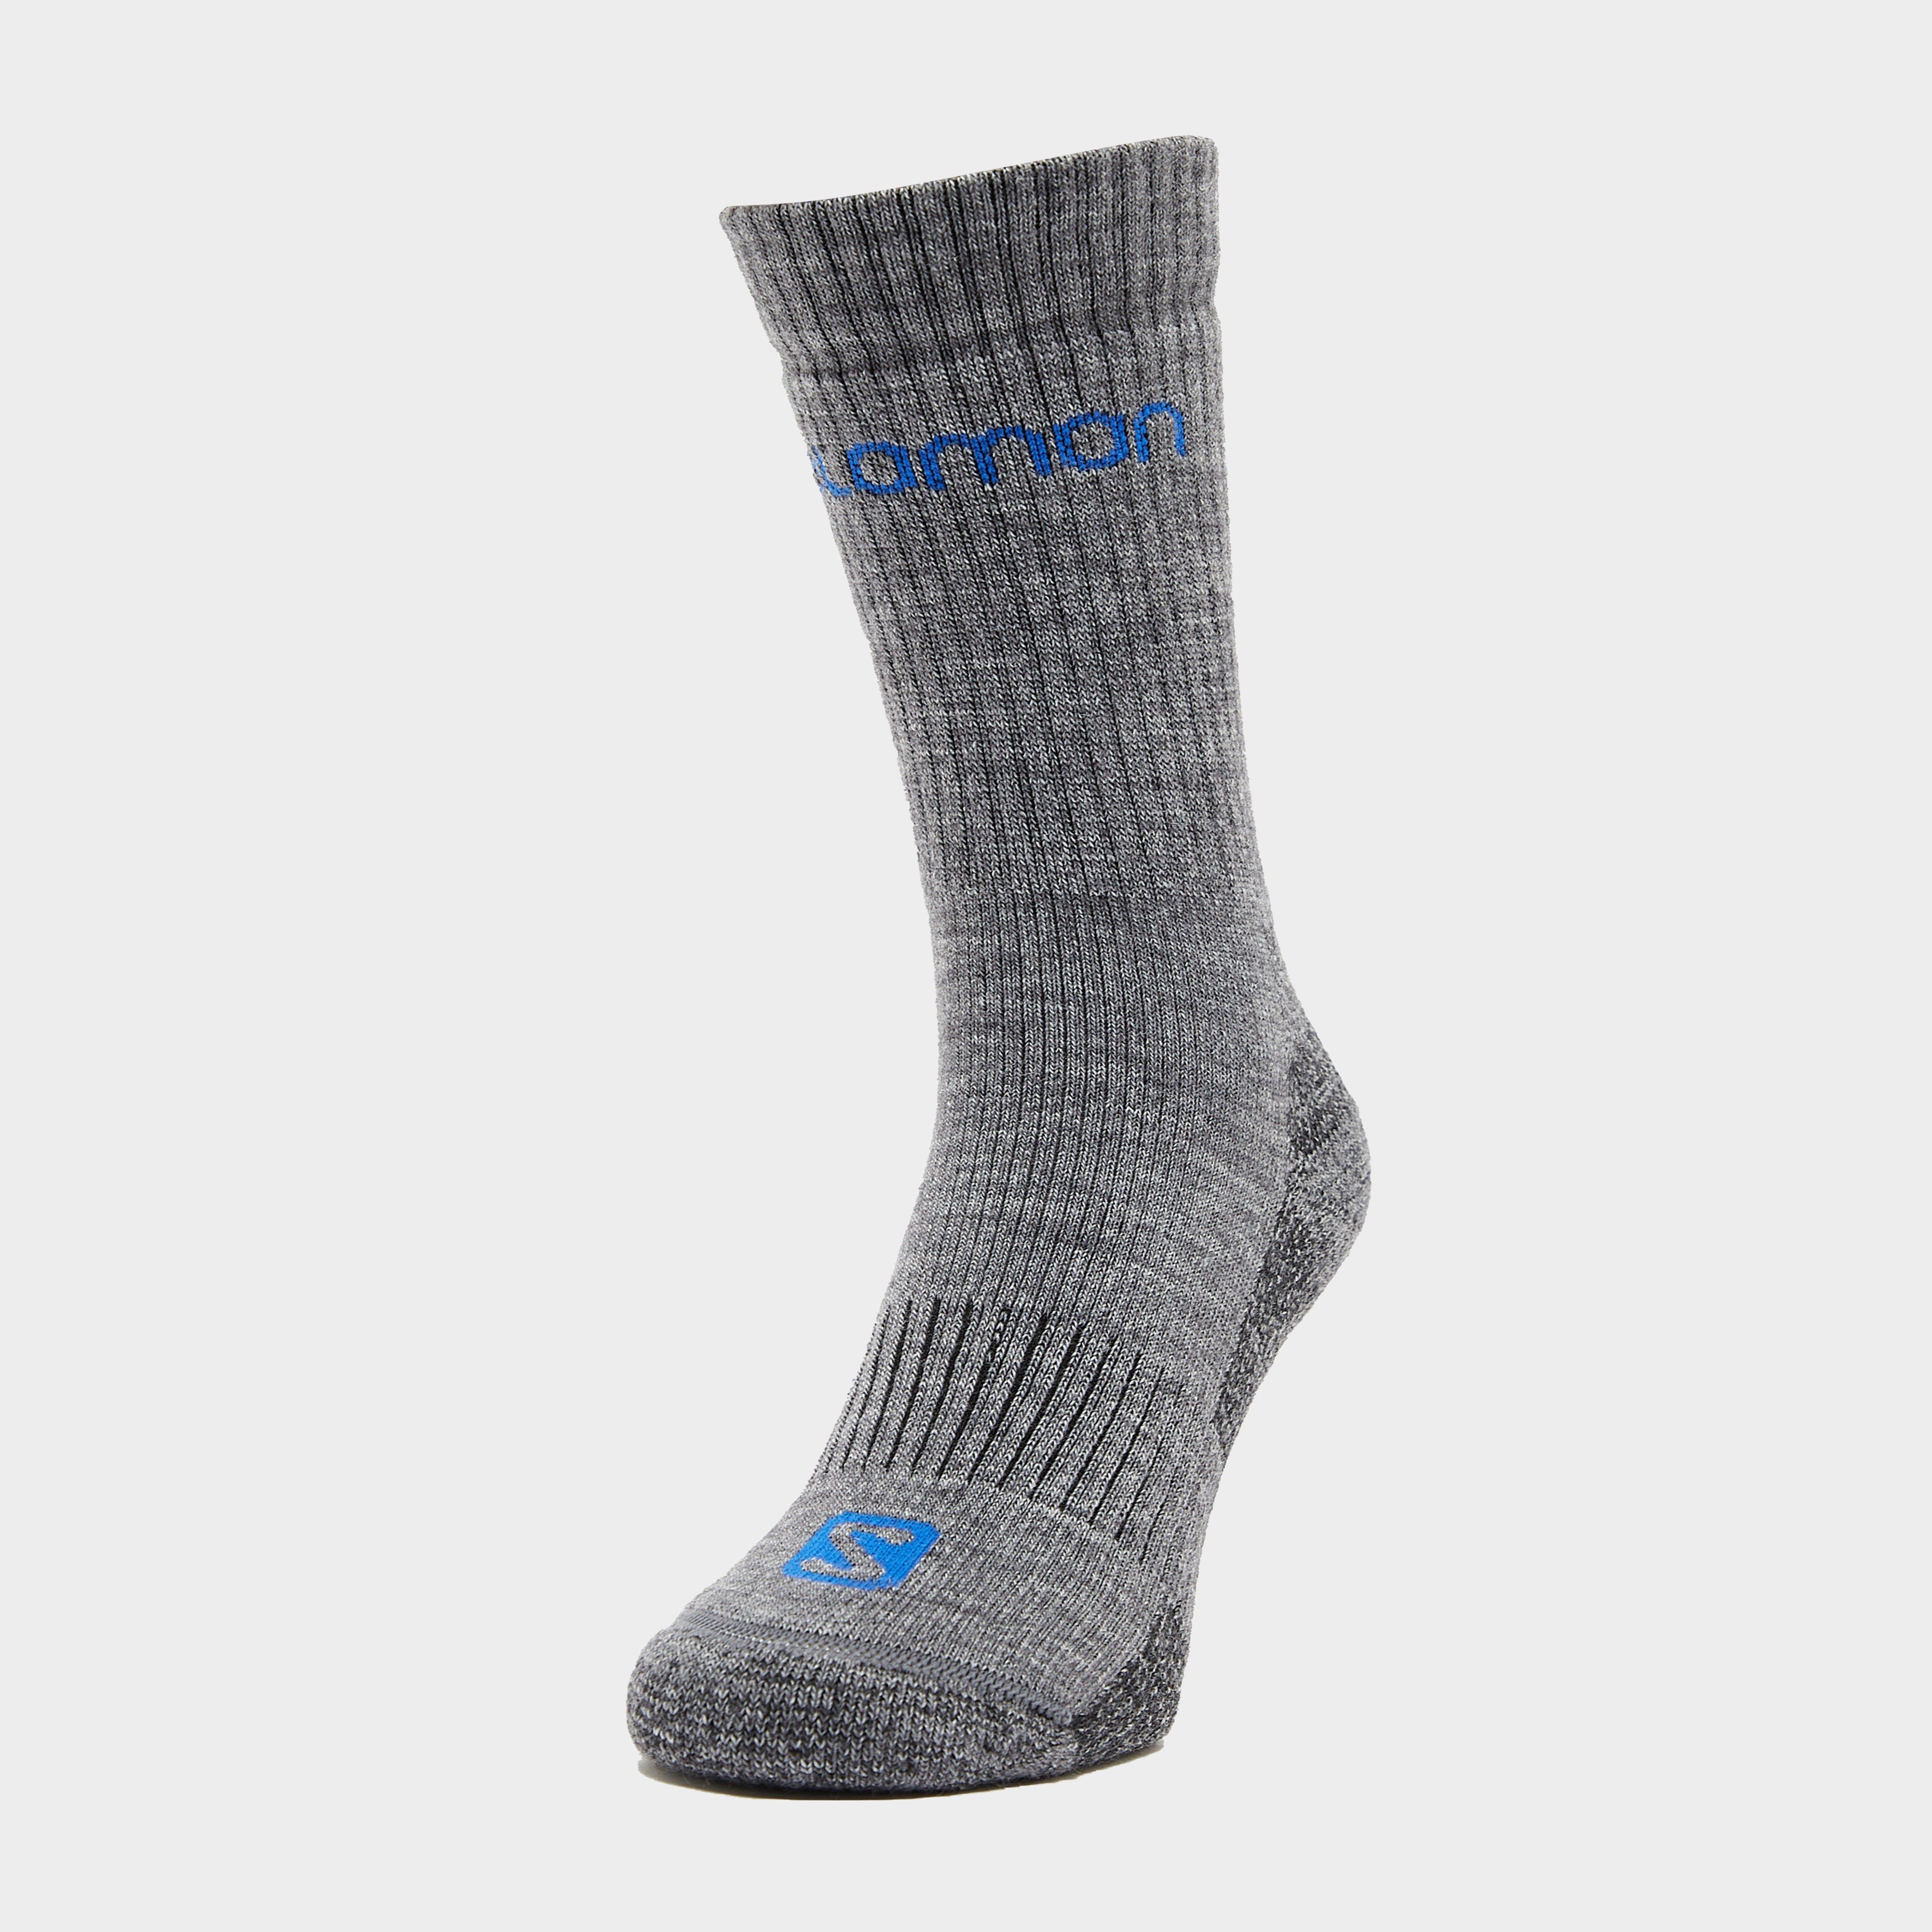 Salomon sokker